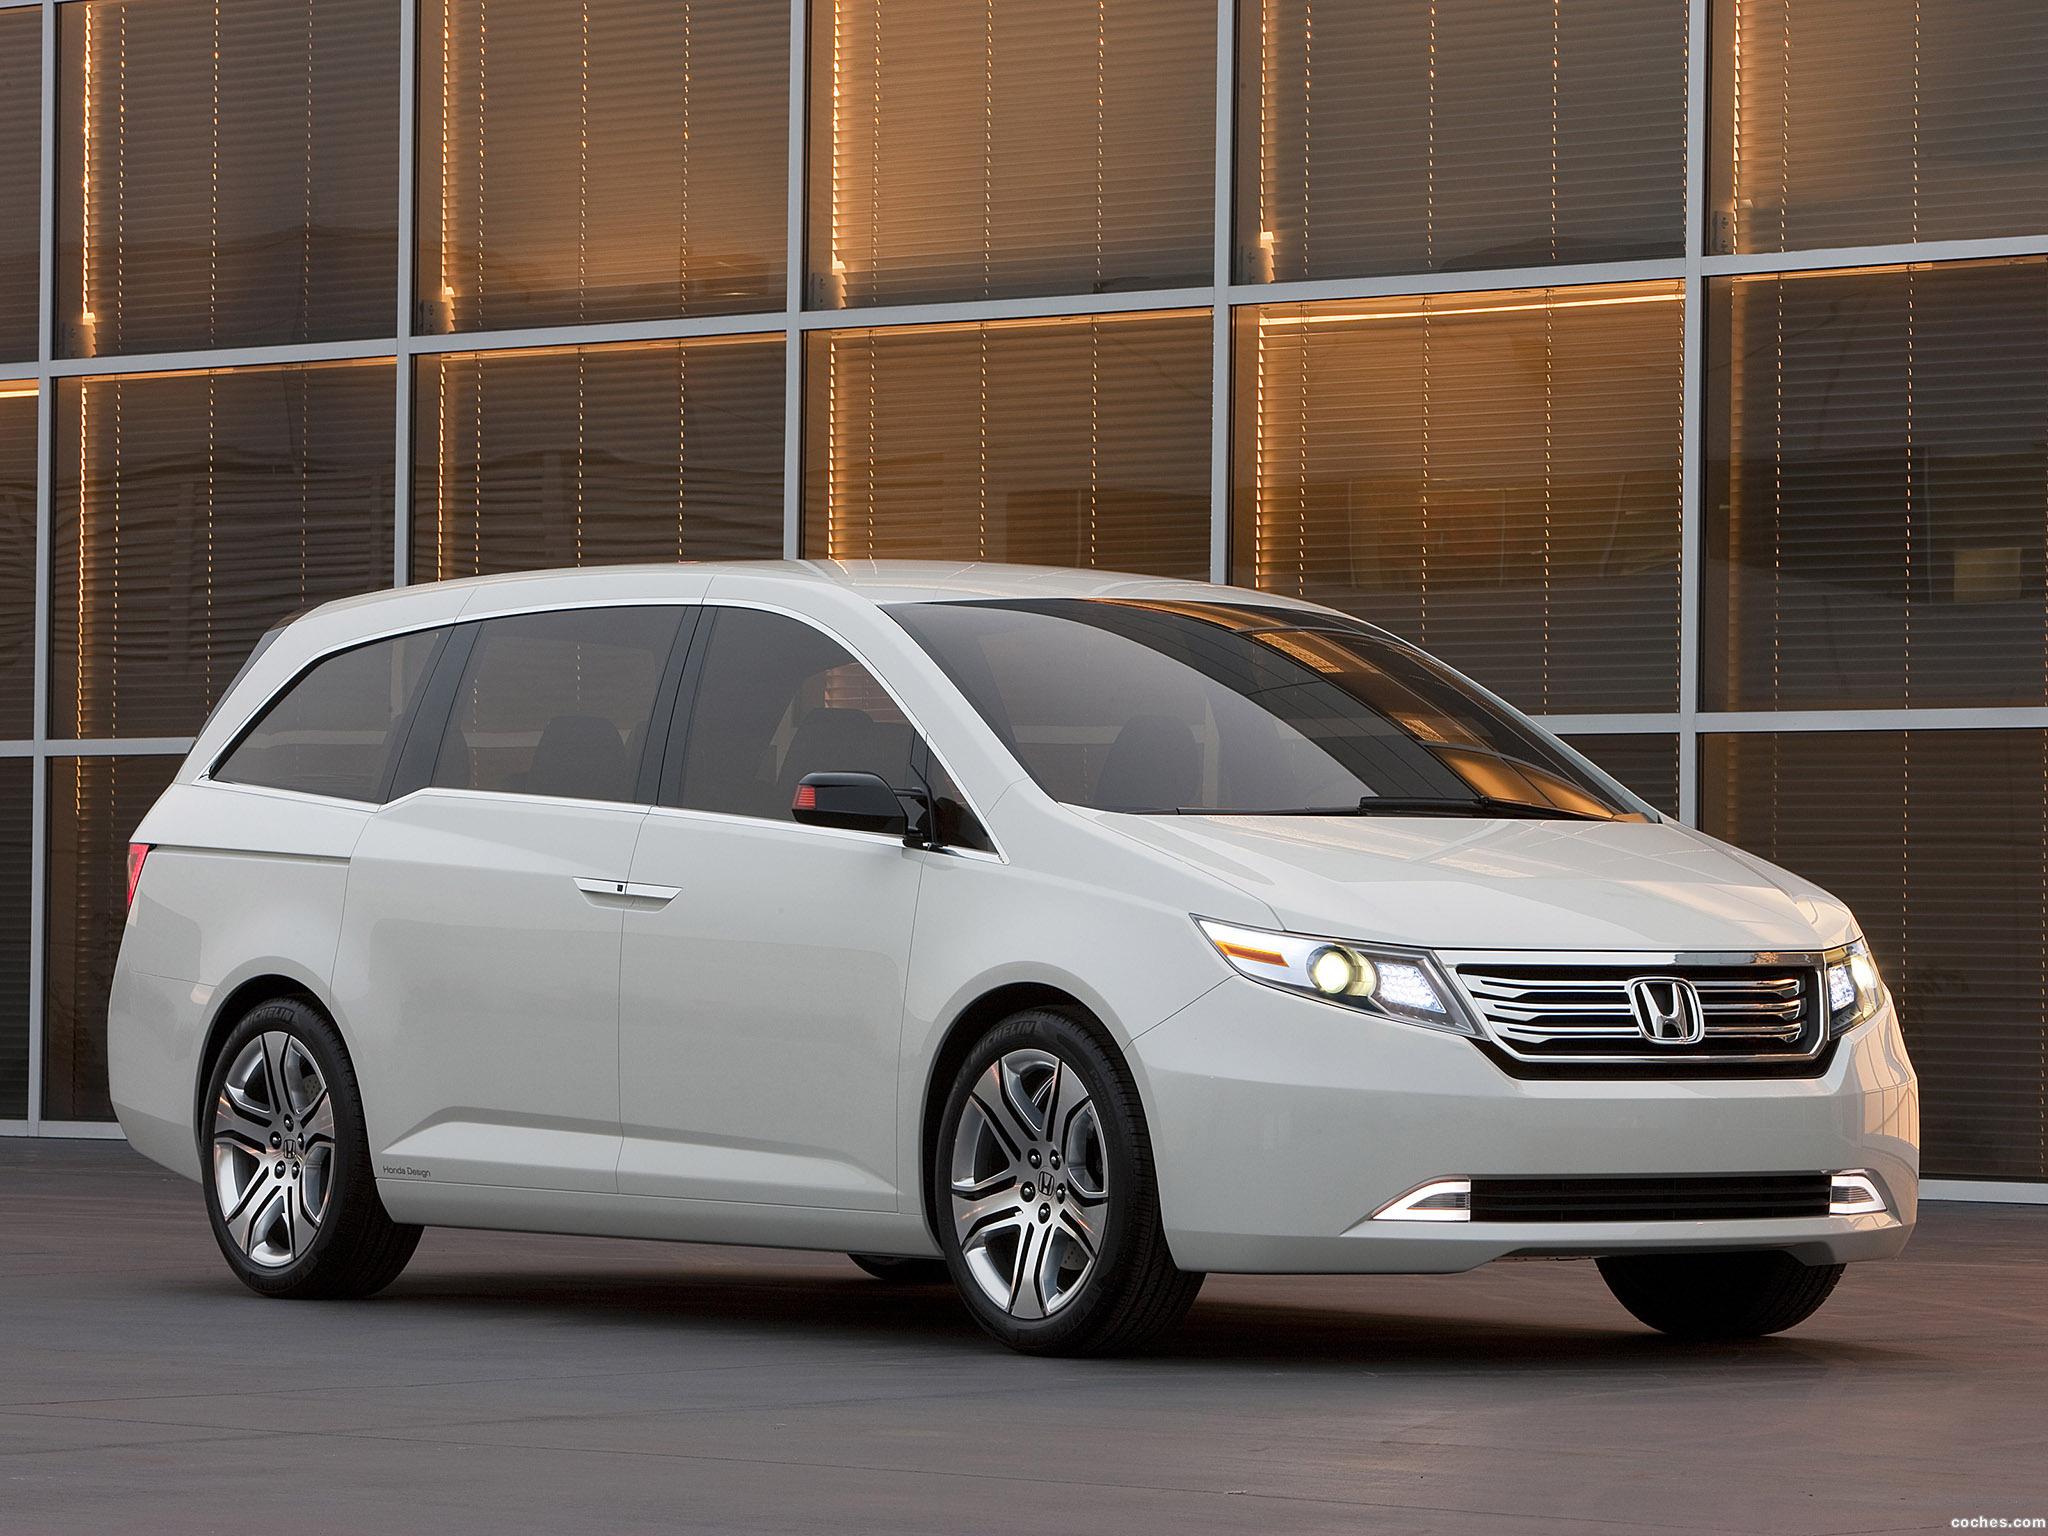 Foto 0 de Honda Odyssey Concept 2010